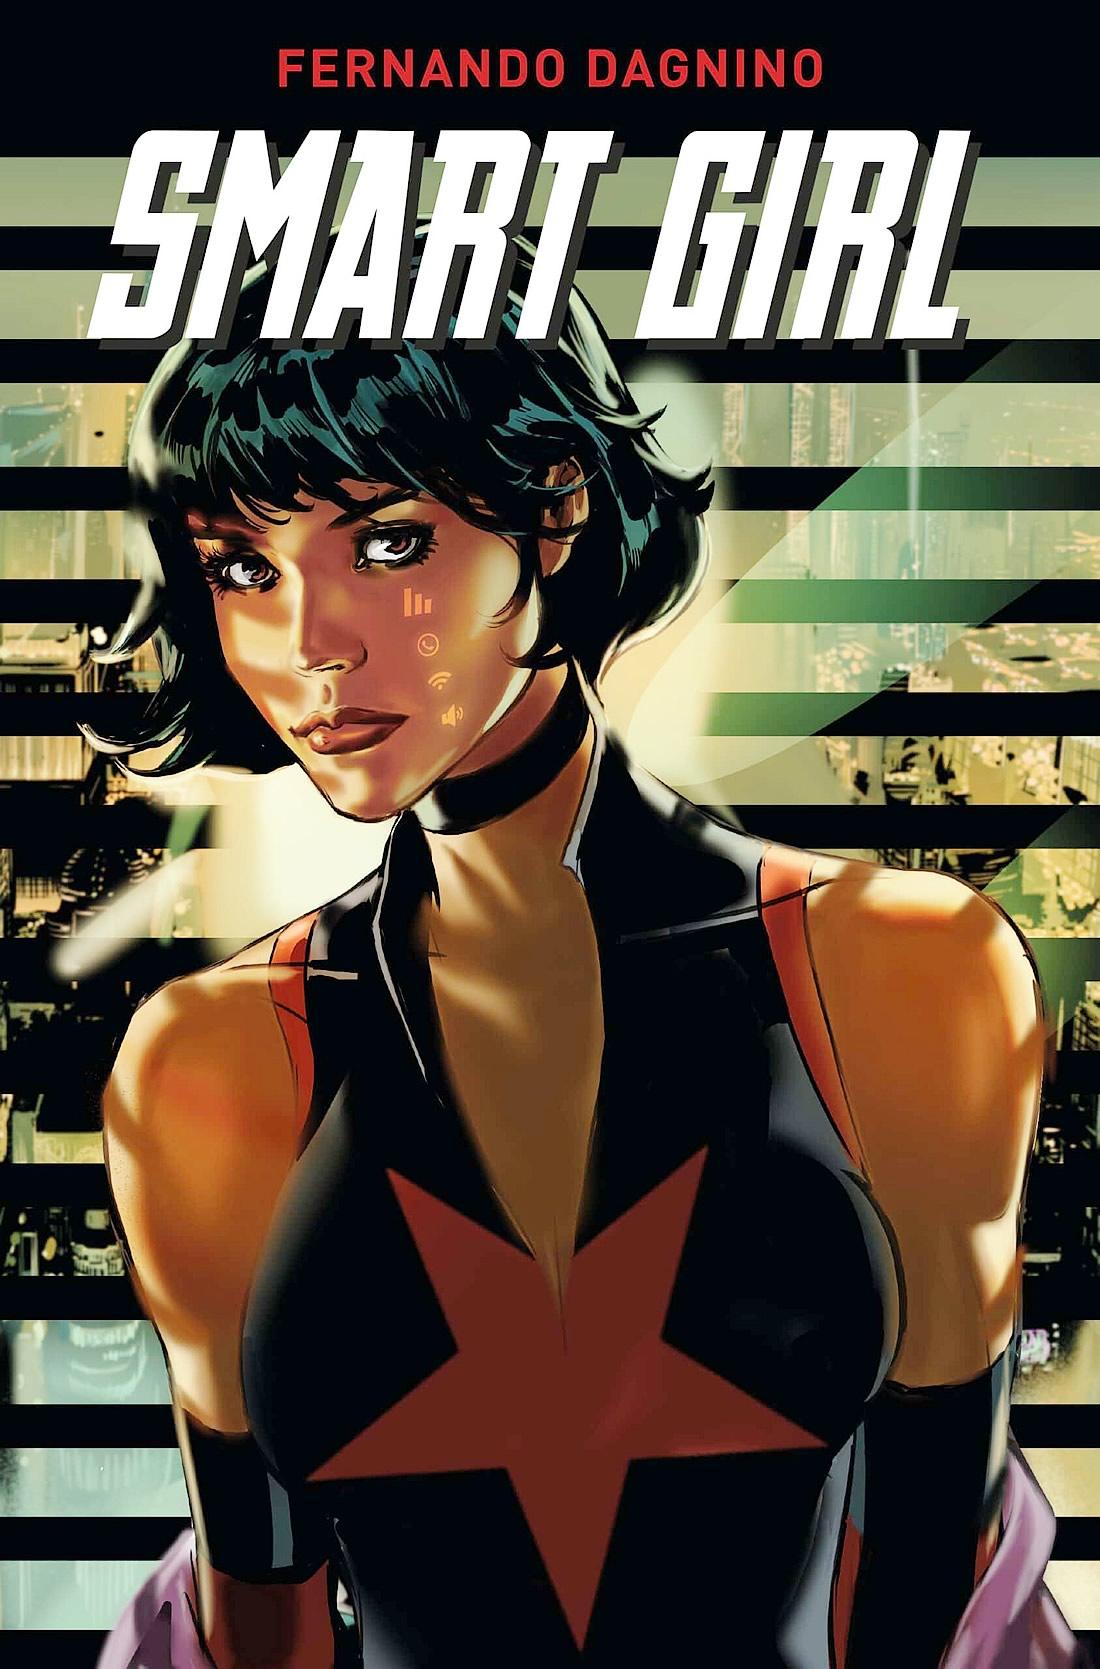 SMART GIRL | Quadrinho de ficção científica da Titan Comics pelo artista Fernando DagninoSMART GIRL | Quadrinho de ficção científica da Titan Comics pelo artista Fernando Dagnino